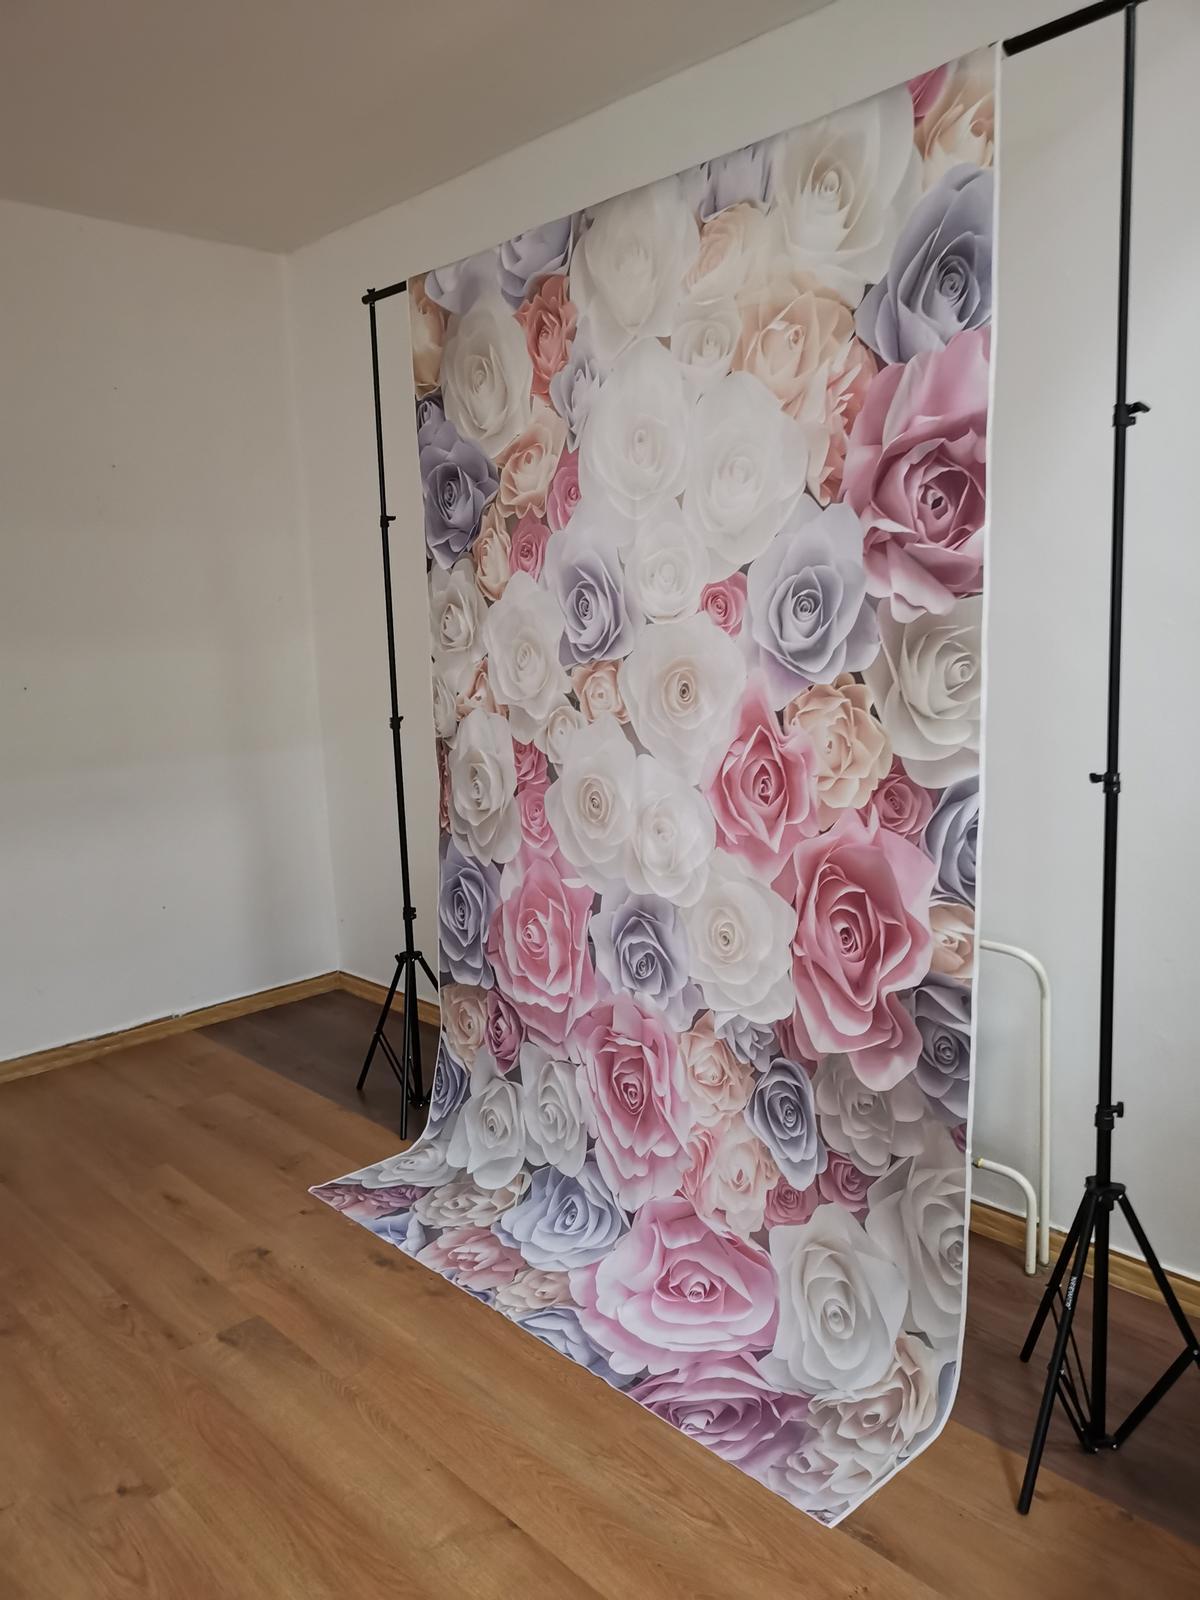 Kvetinová stena s konštrukciou  - Obrázok č. 2